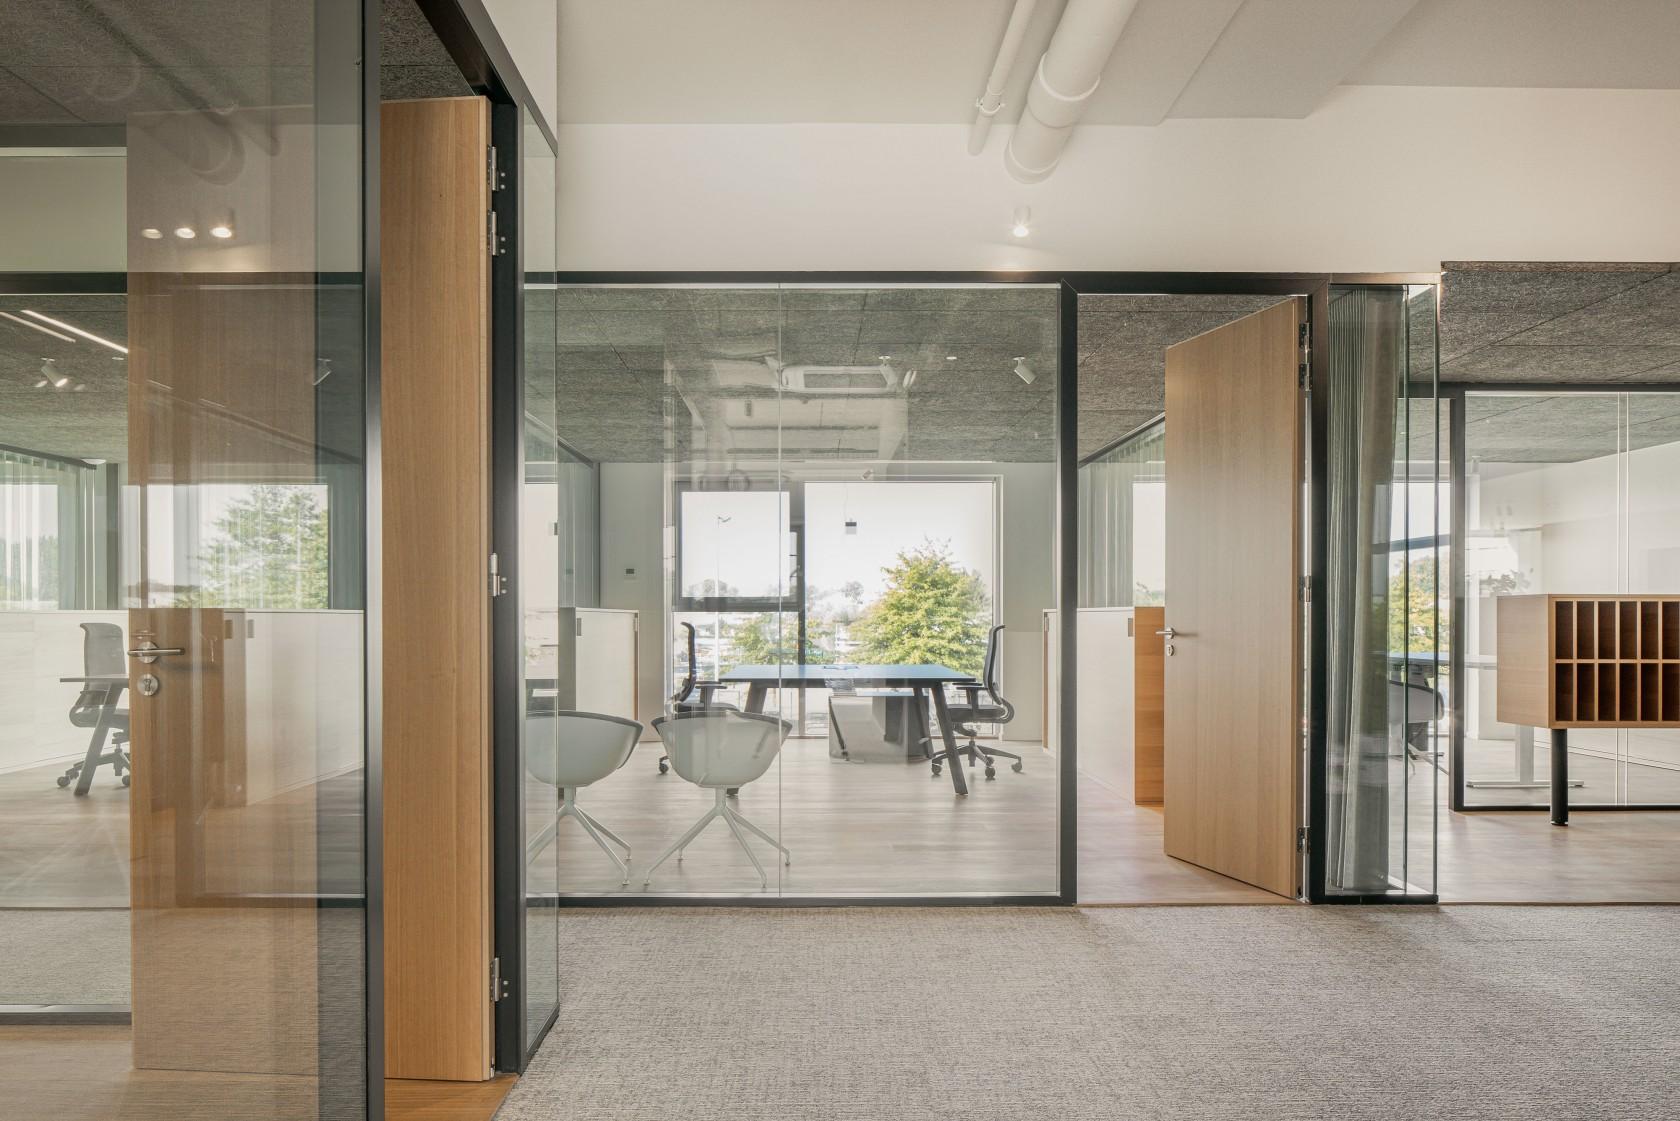 Abscis Architecten - glazen wanden zorgen voor transparantie - foto Jeroen Verrecht